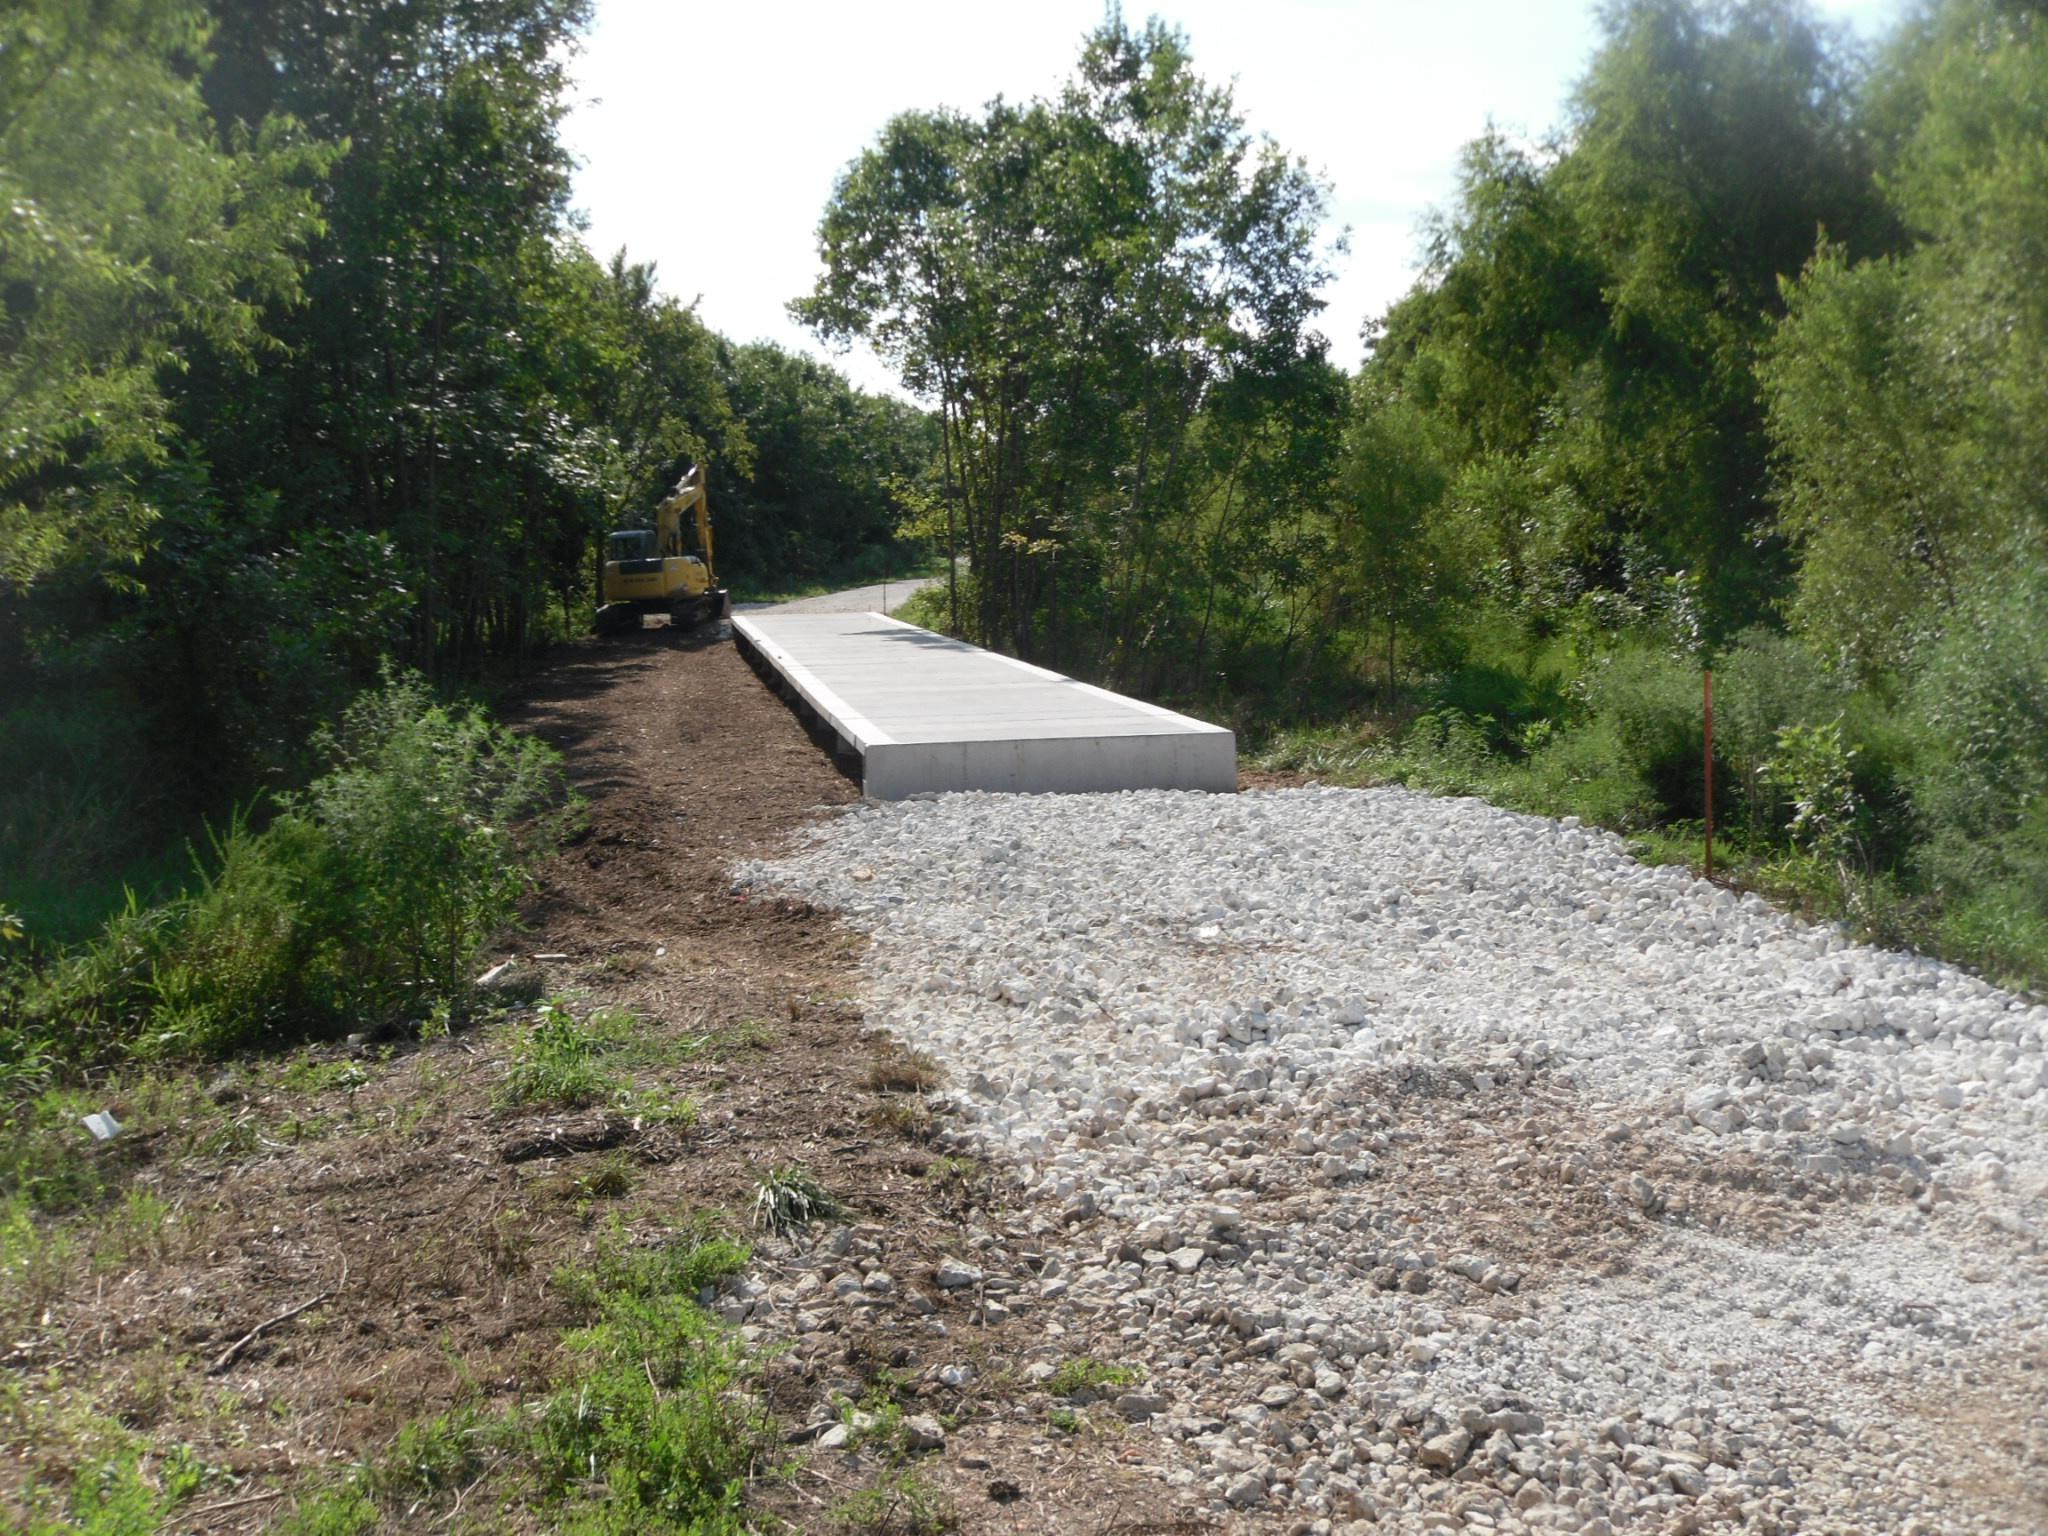 boardwalk_construction_clabber_creek_arkansas_permatrak.jpg